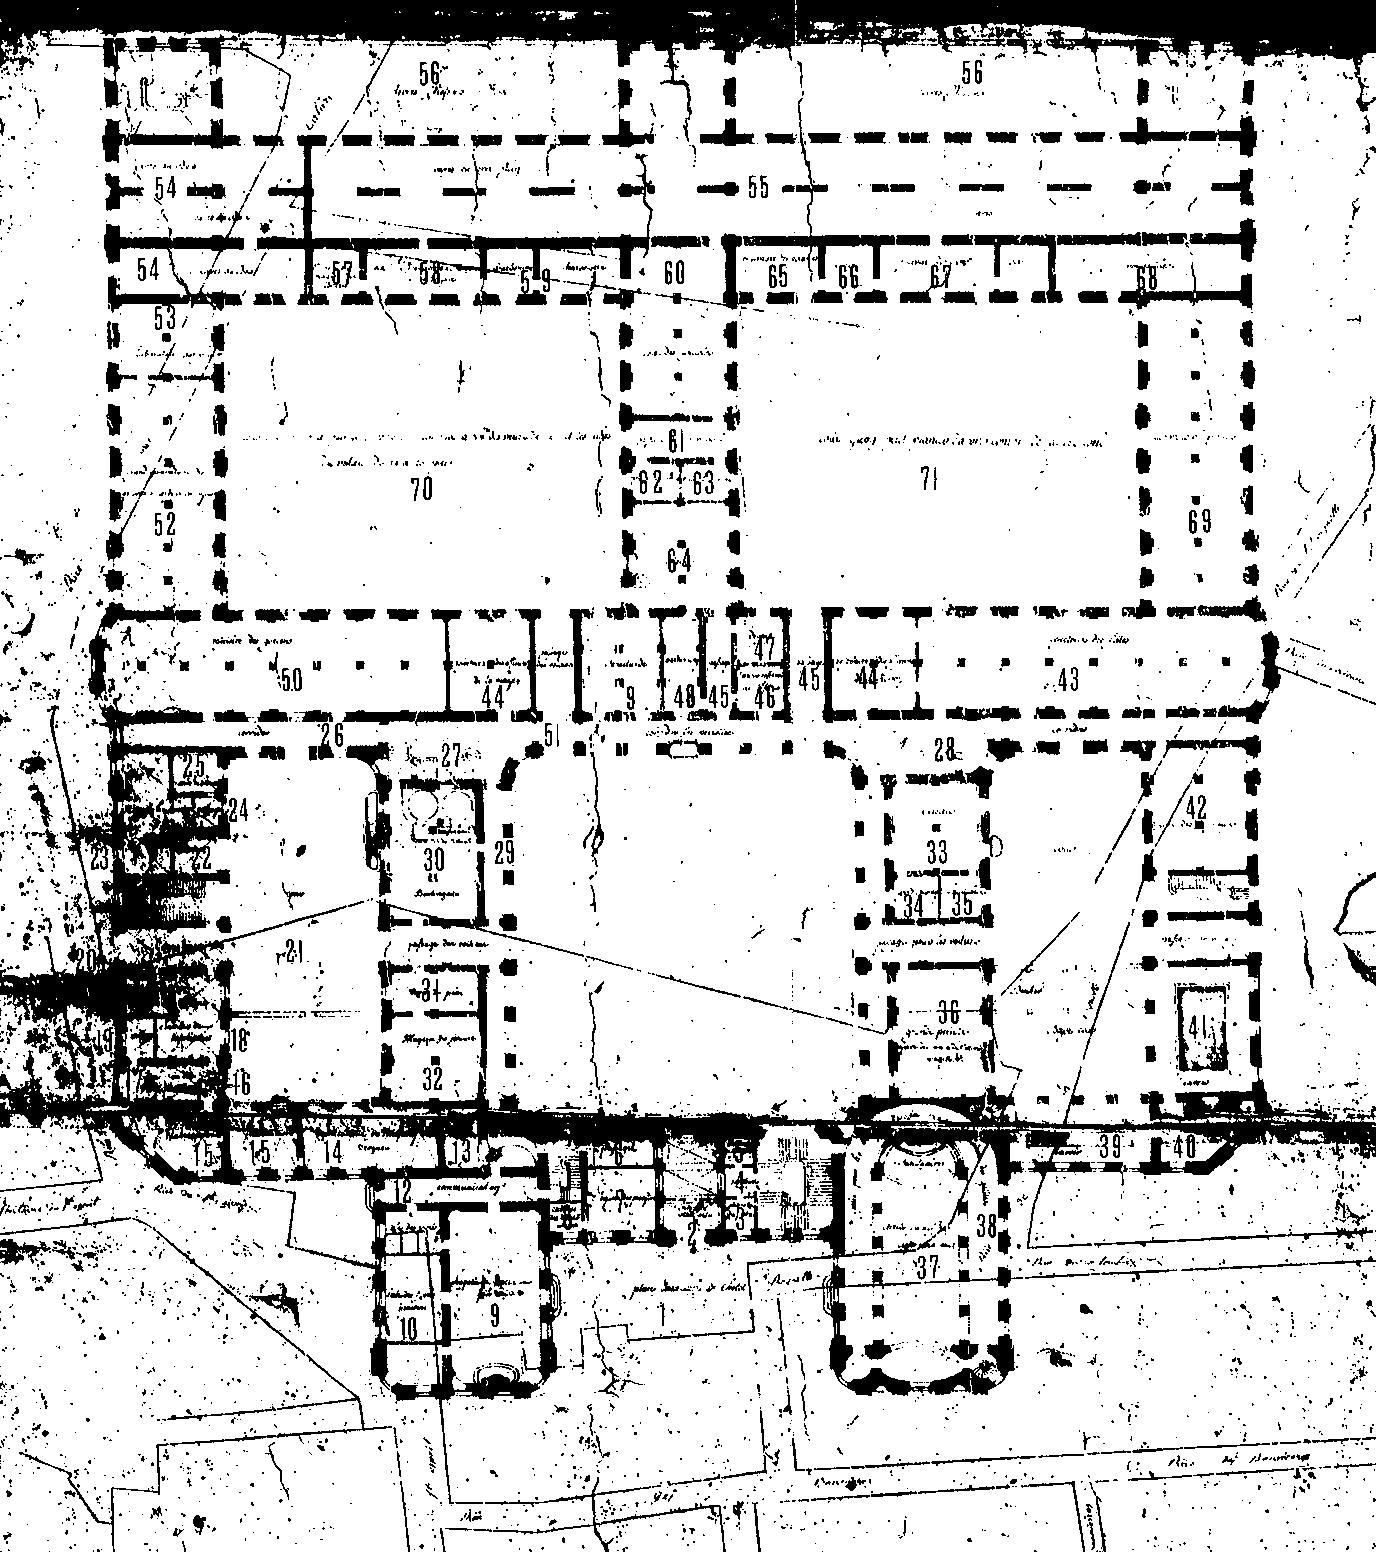 Mansart de Sagonne (de Lévy), plan du projet pour l'Hôtel-Dieu de Marseille, 1753, Arch. dép. Bouches du Rhône